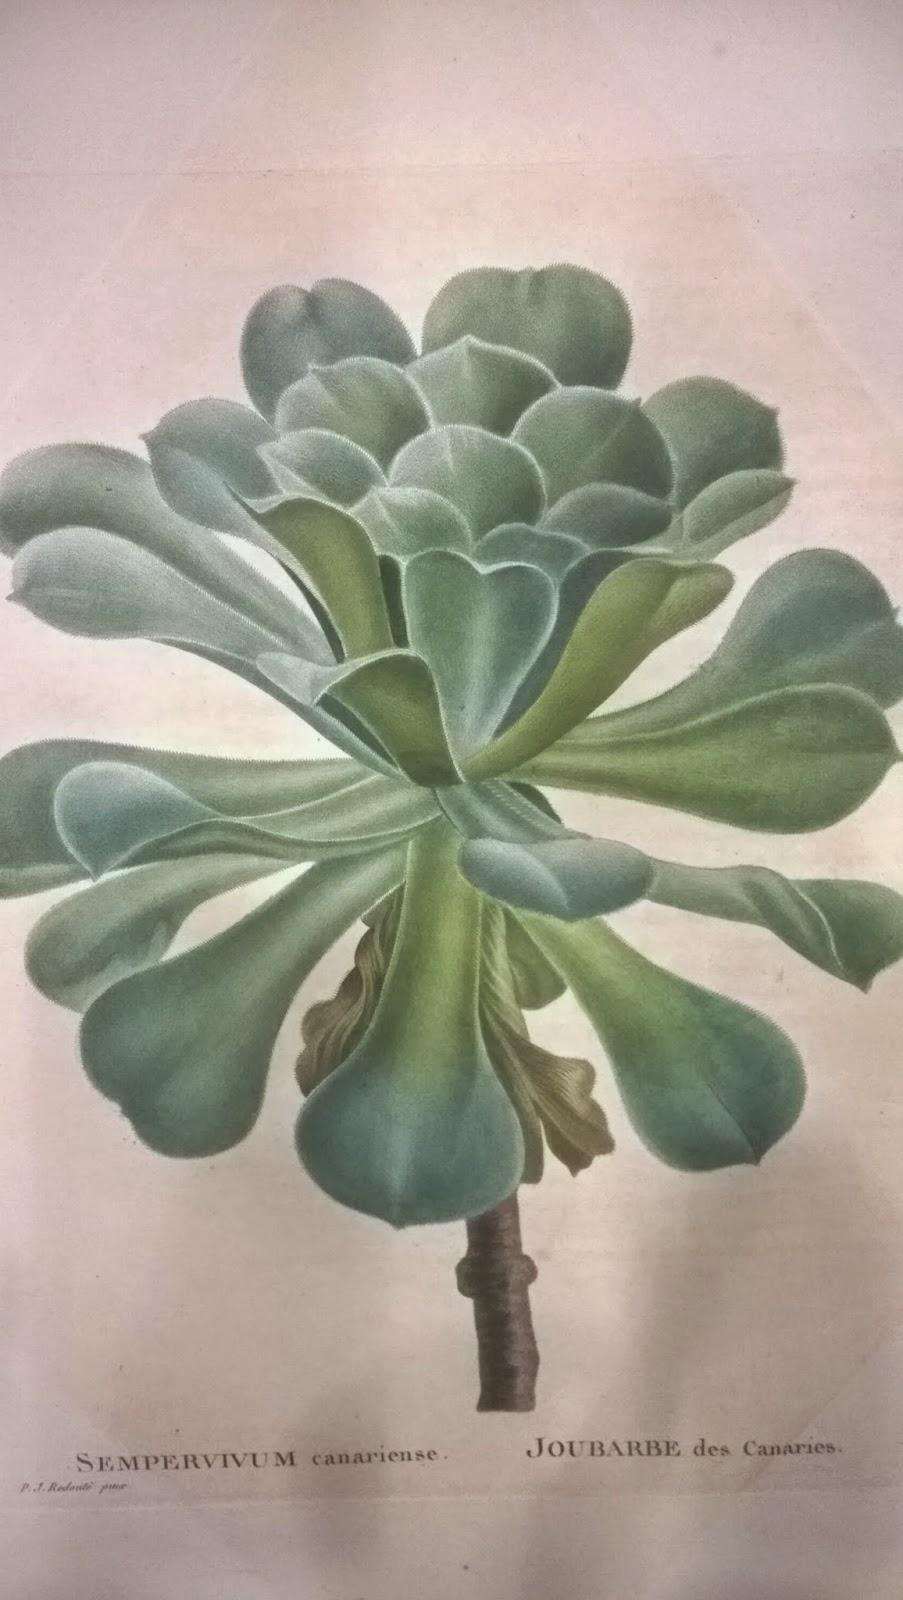 Redoute Sempervivum canariense